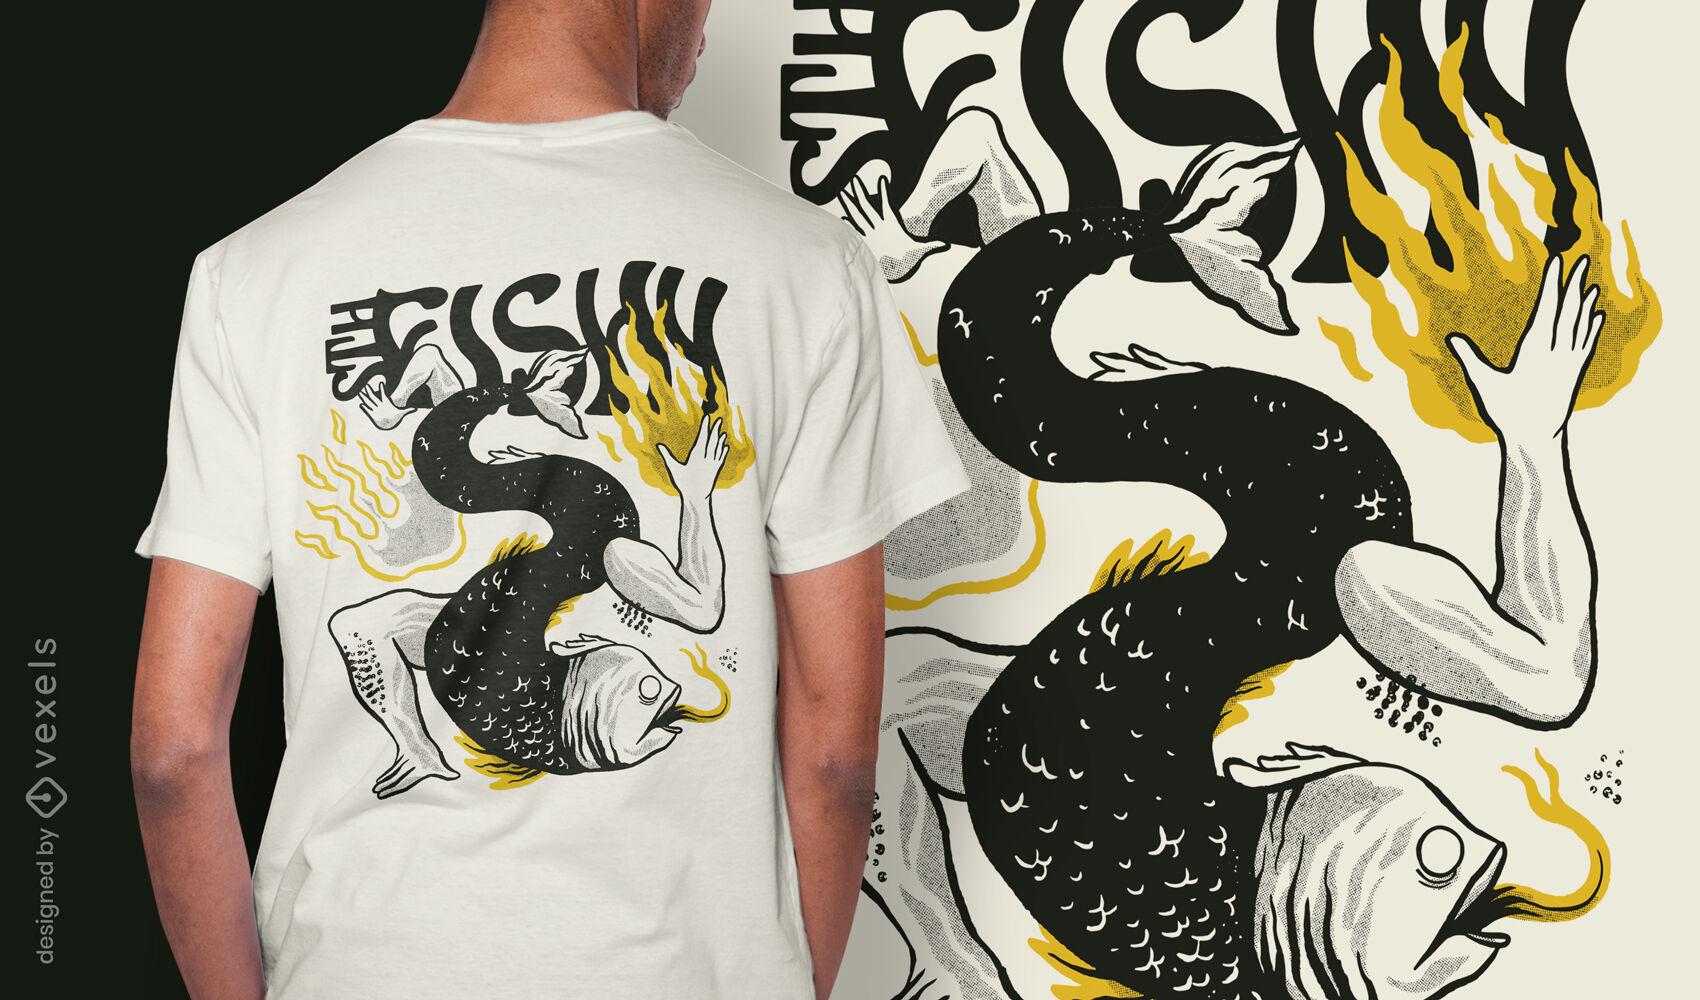 Diseño de camiseta de animal de cuerpo de pez extraño